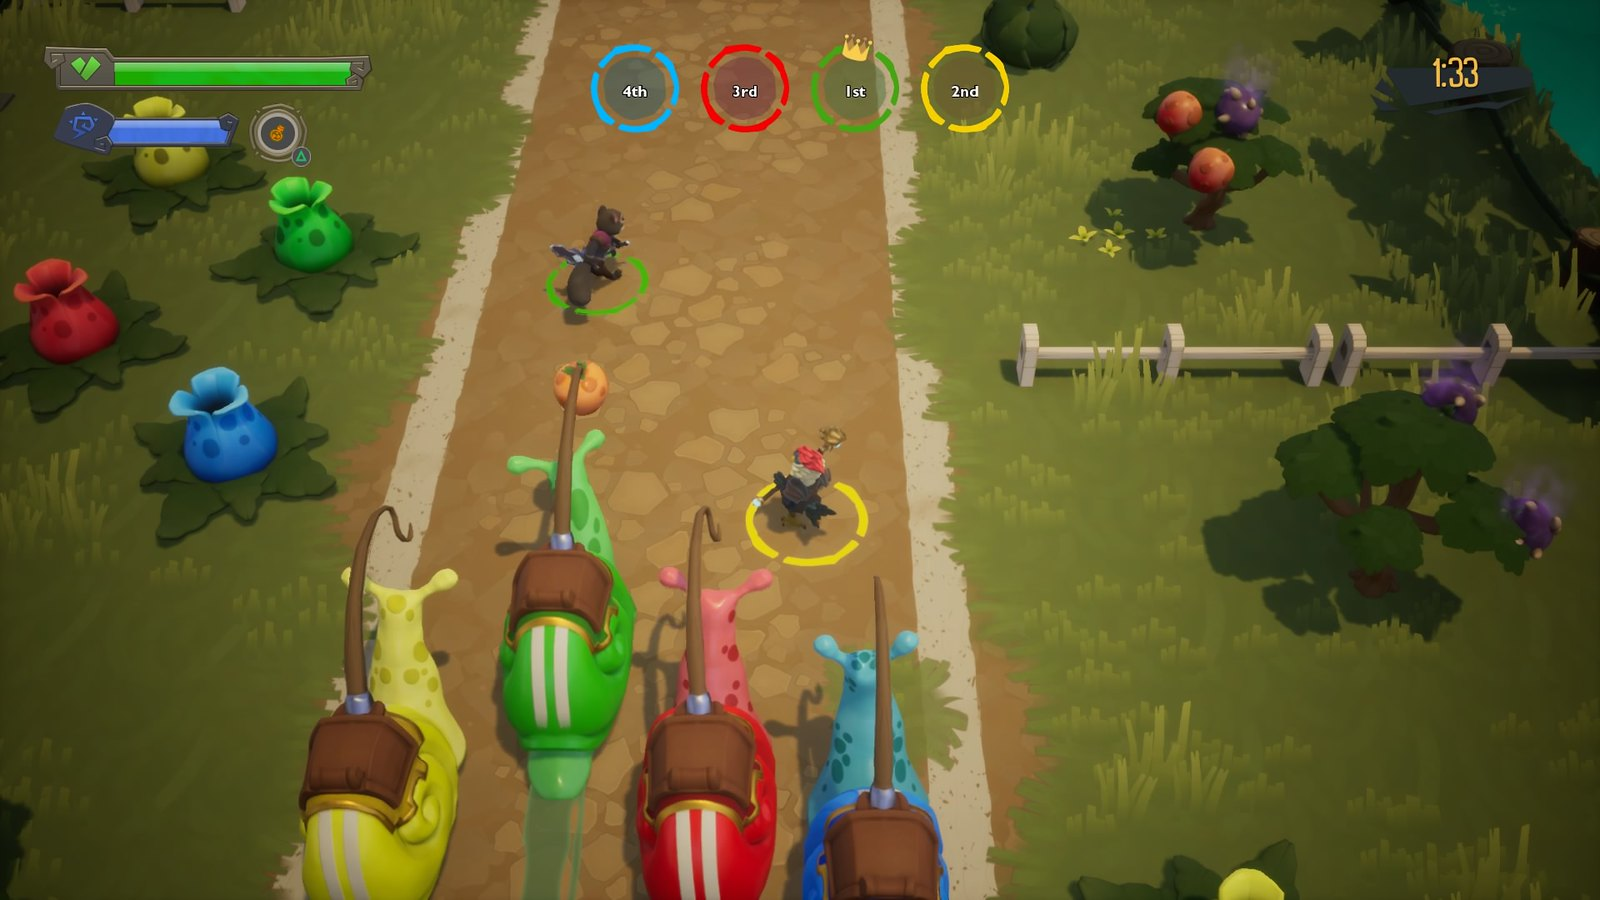 48751510018 0298c3ad9b h - Fette Bosse und bizarre Minispiele erwarten euch im kompetitiven Dungeon-Crawler ReadySet Heroes